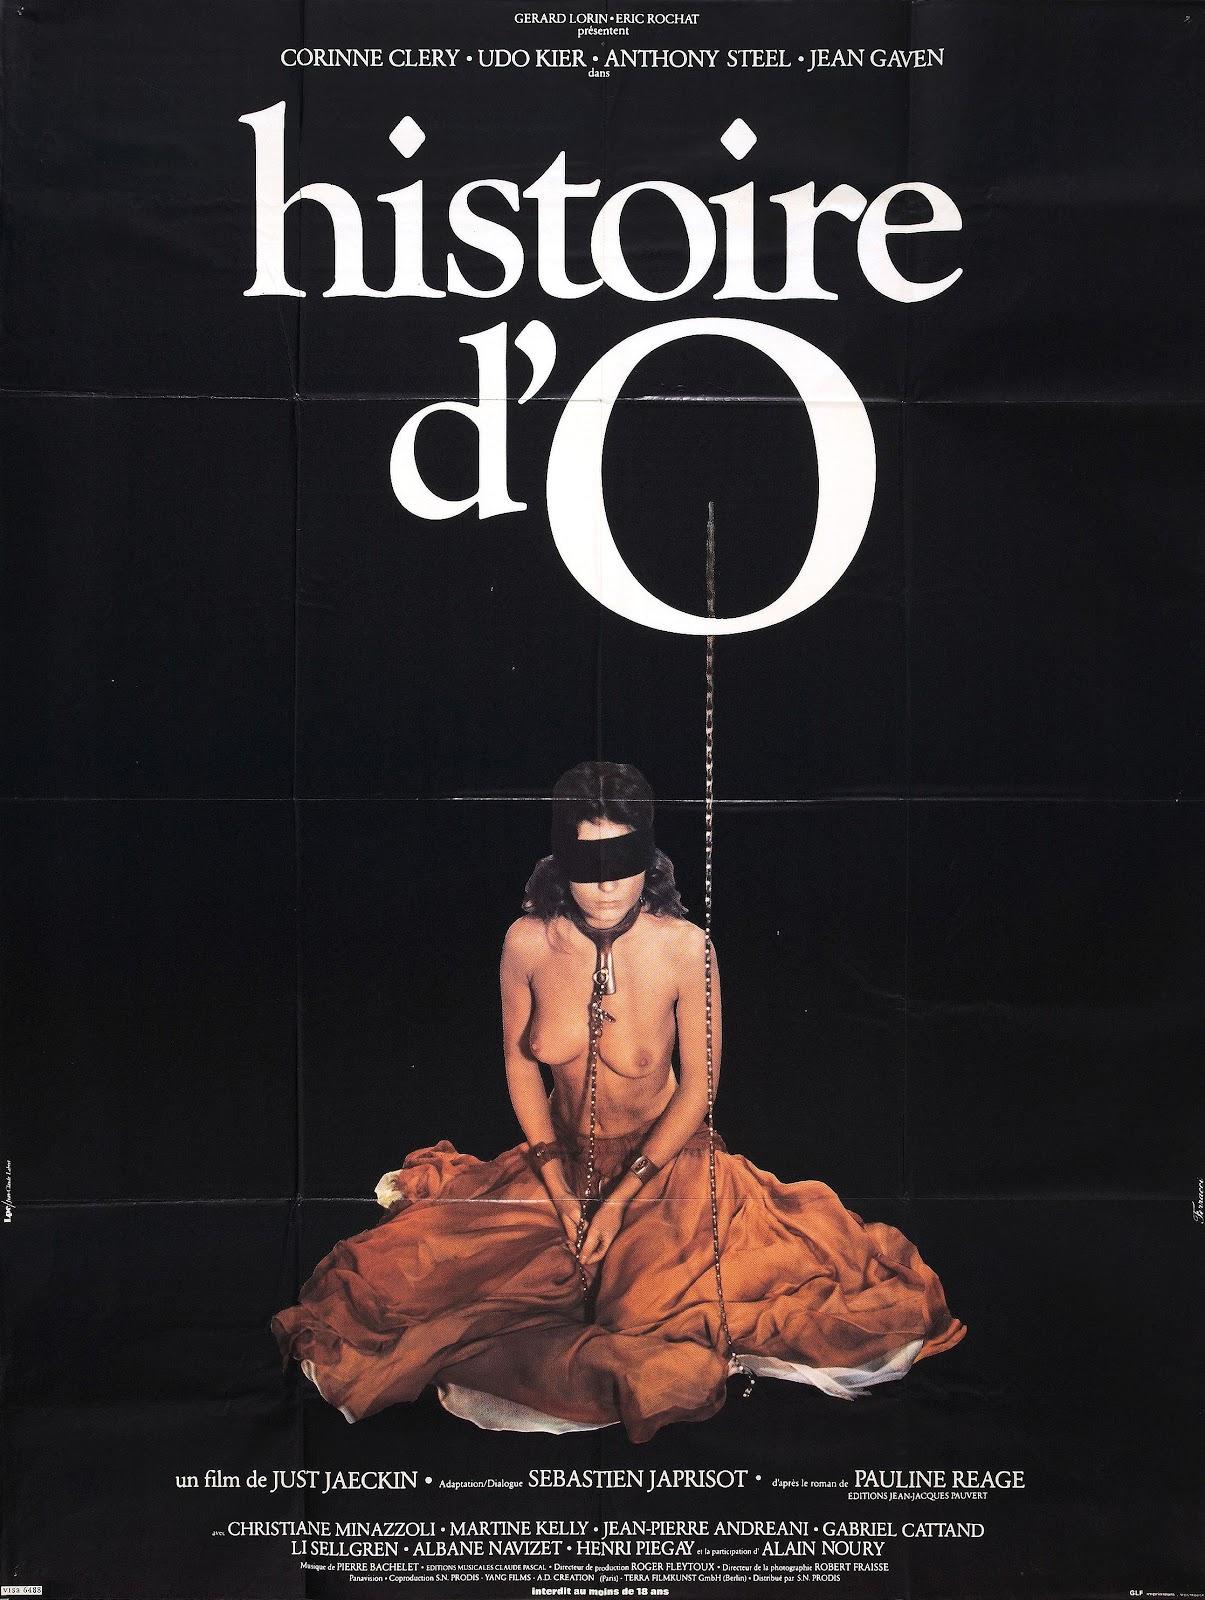 http://2.bp.blogspot.com/-X3WgWHWT92A/T4dU683zU9I/AAAAAAAAEQA/9rb2KgI2Jxw/s1600/Histoire+d%27O+(1975).jpg